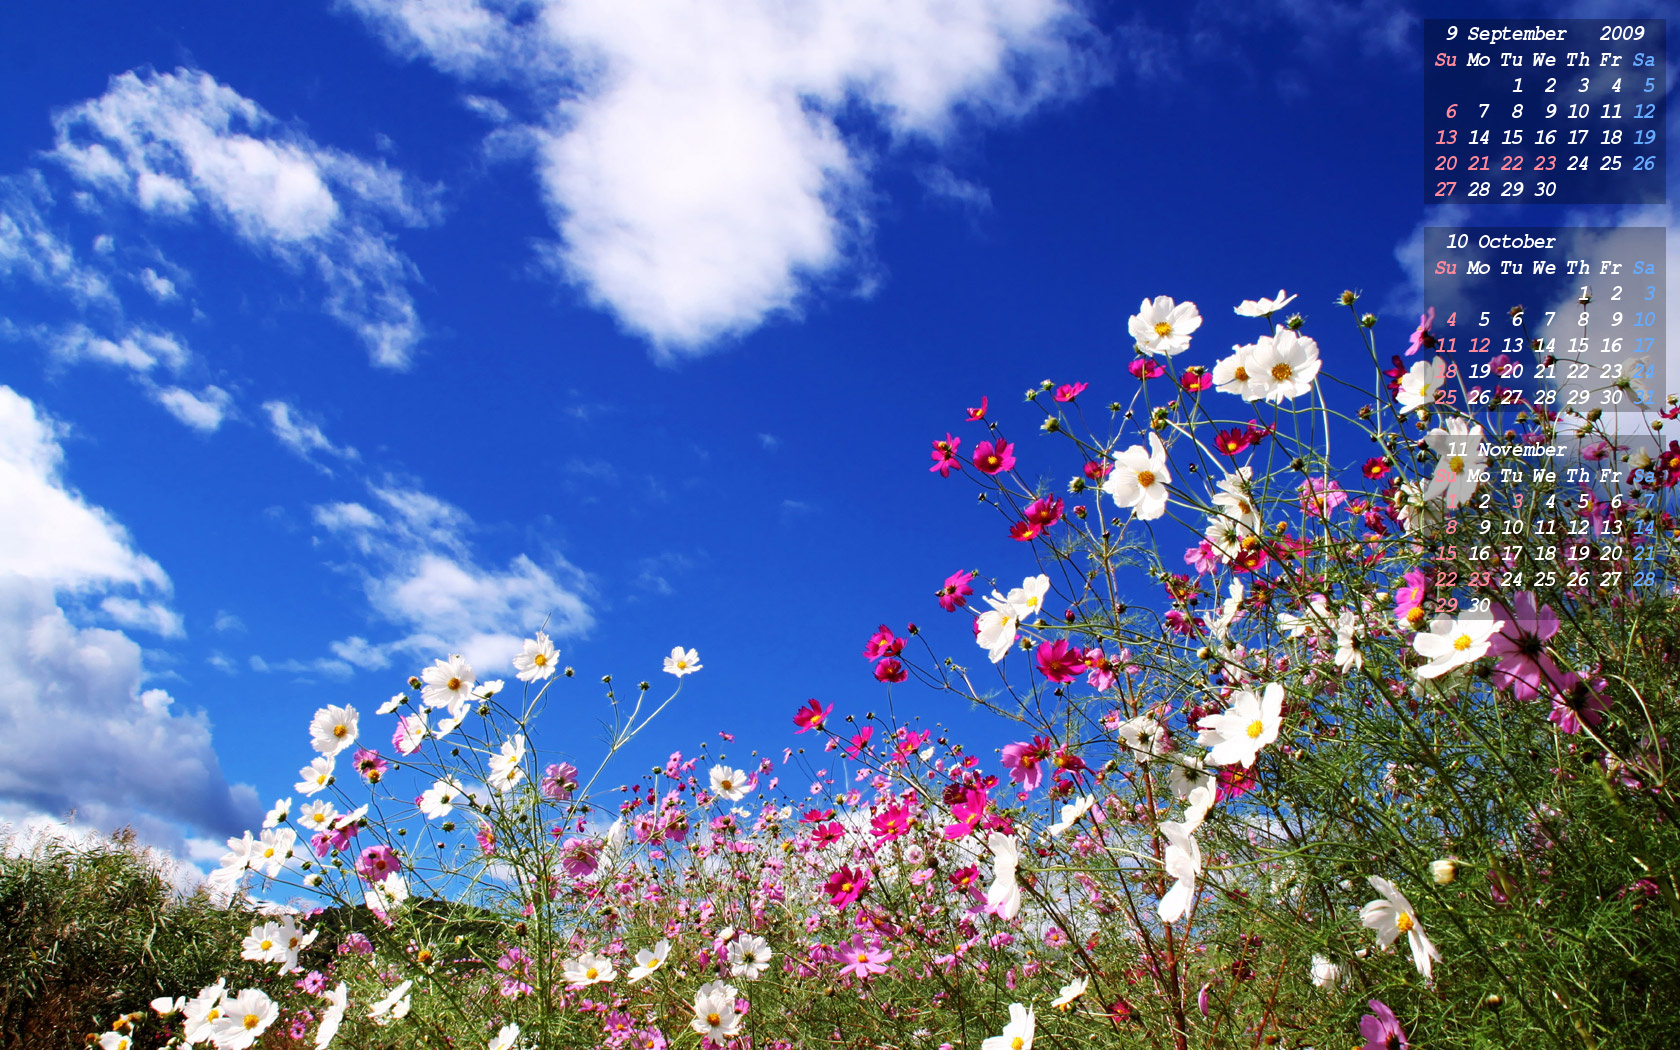 空の壁紙カレンダー 09年9月 10月 11月 Skyseeker 空 雲の無料写真サイト